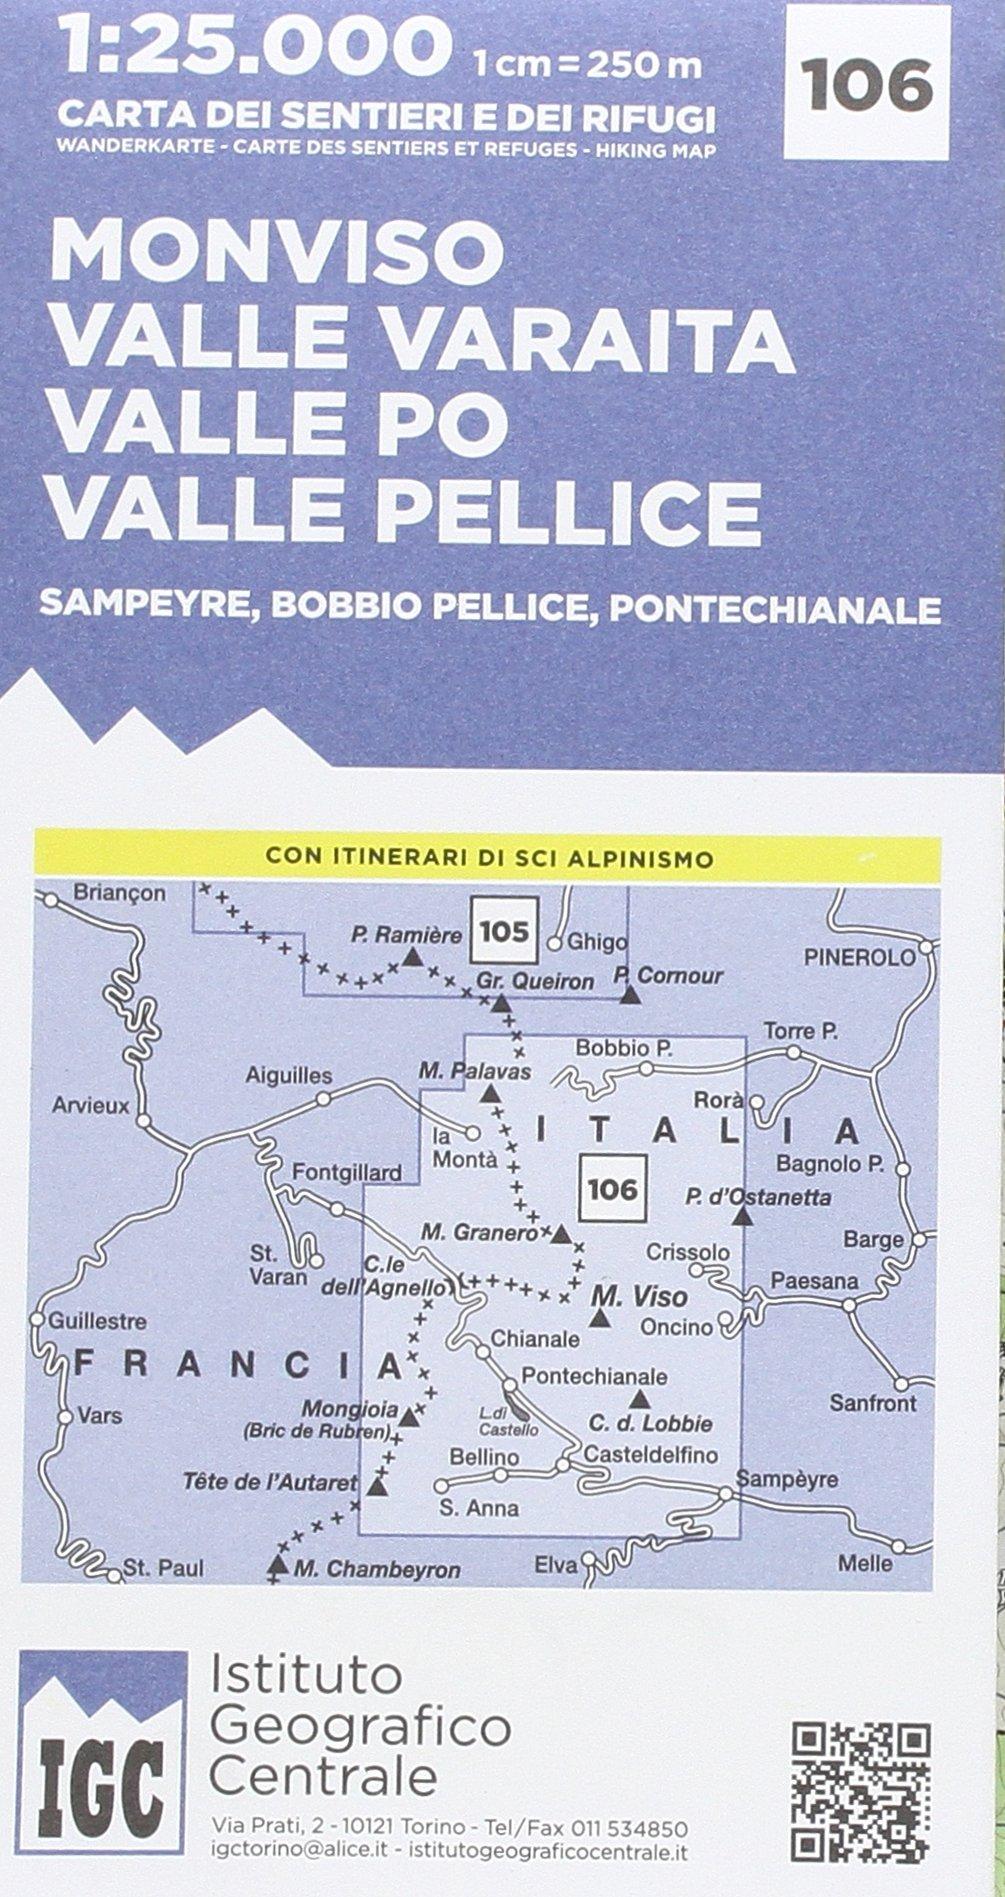 IGC Italien 1 : 25 000 Wanderkarte 106 Monviso: Monviso / Valle Varaita / Valle Po / Valle Pellice / Samperyre / Bobbio pellice / Pontechianale